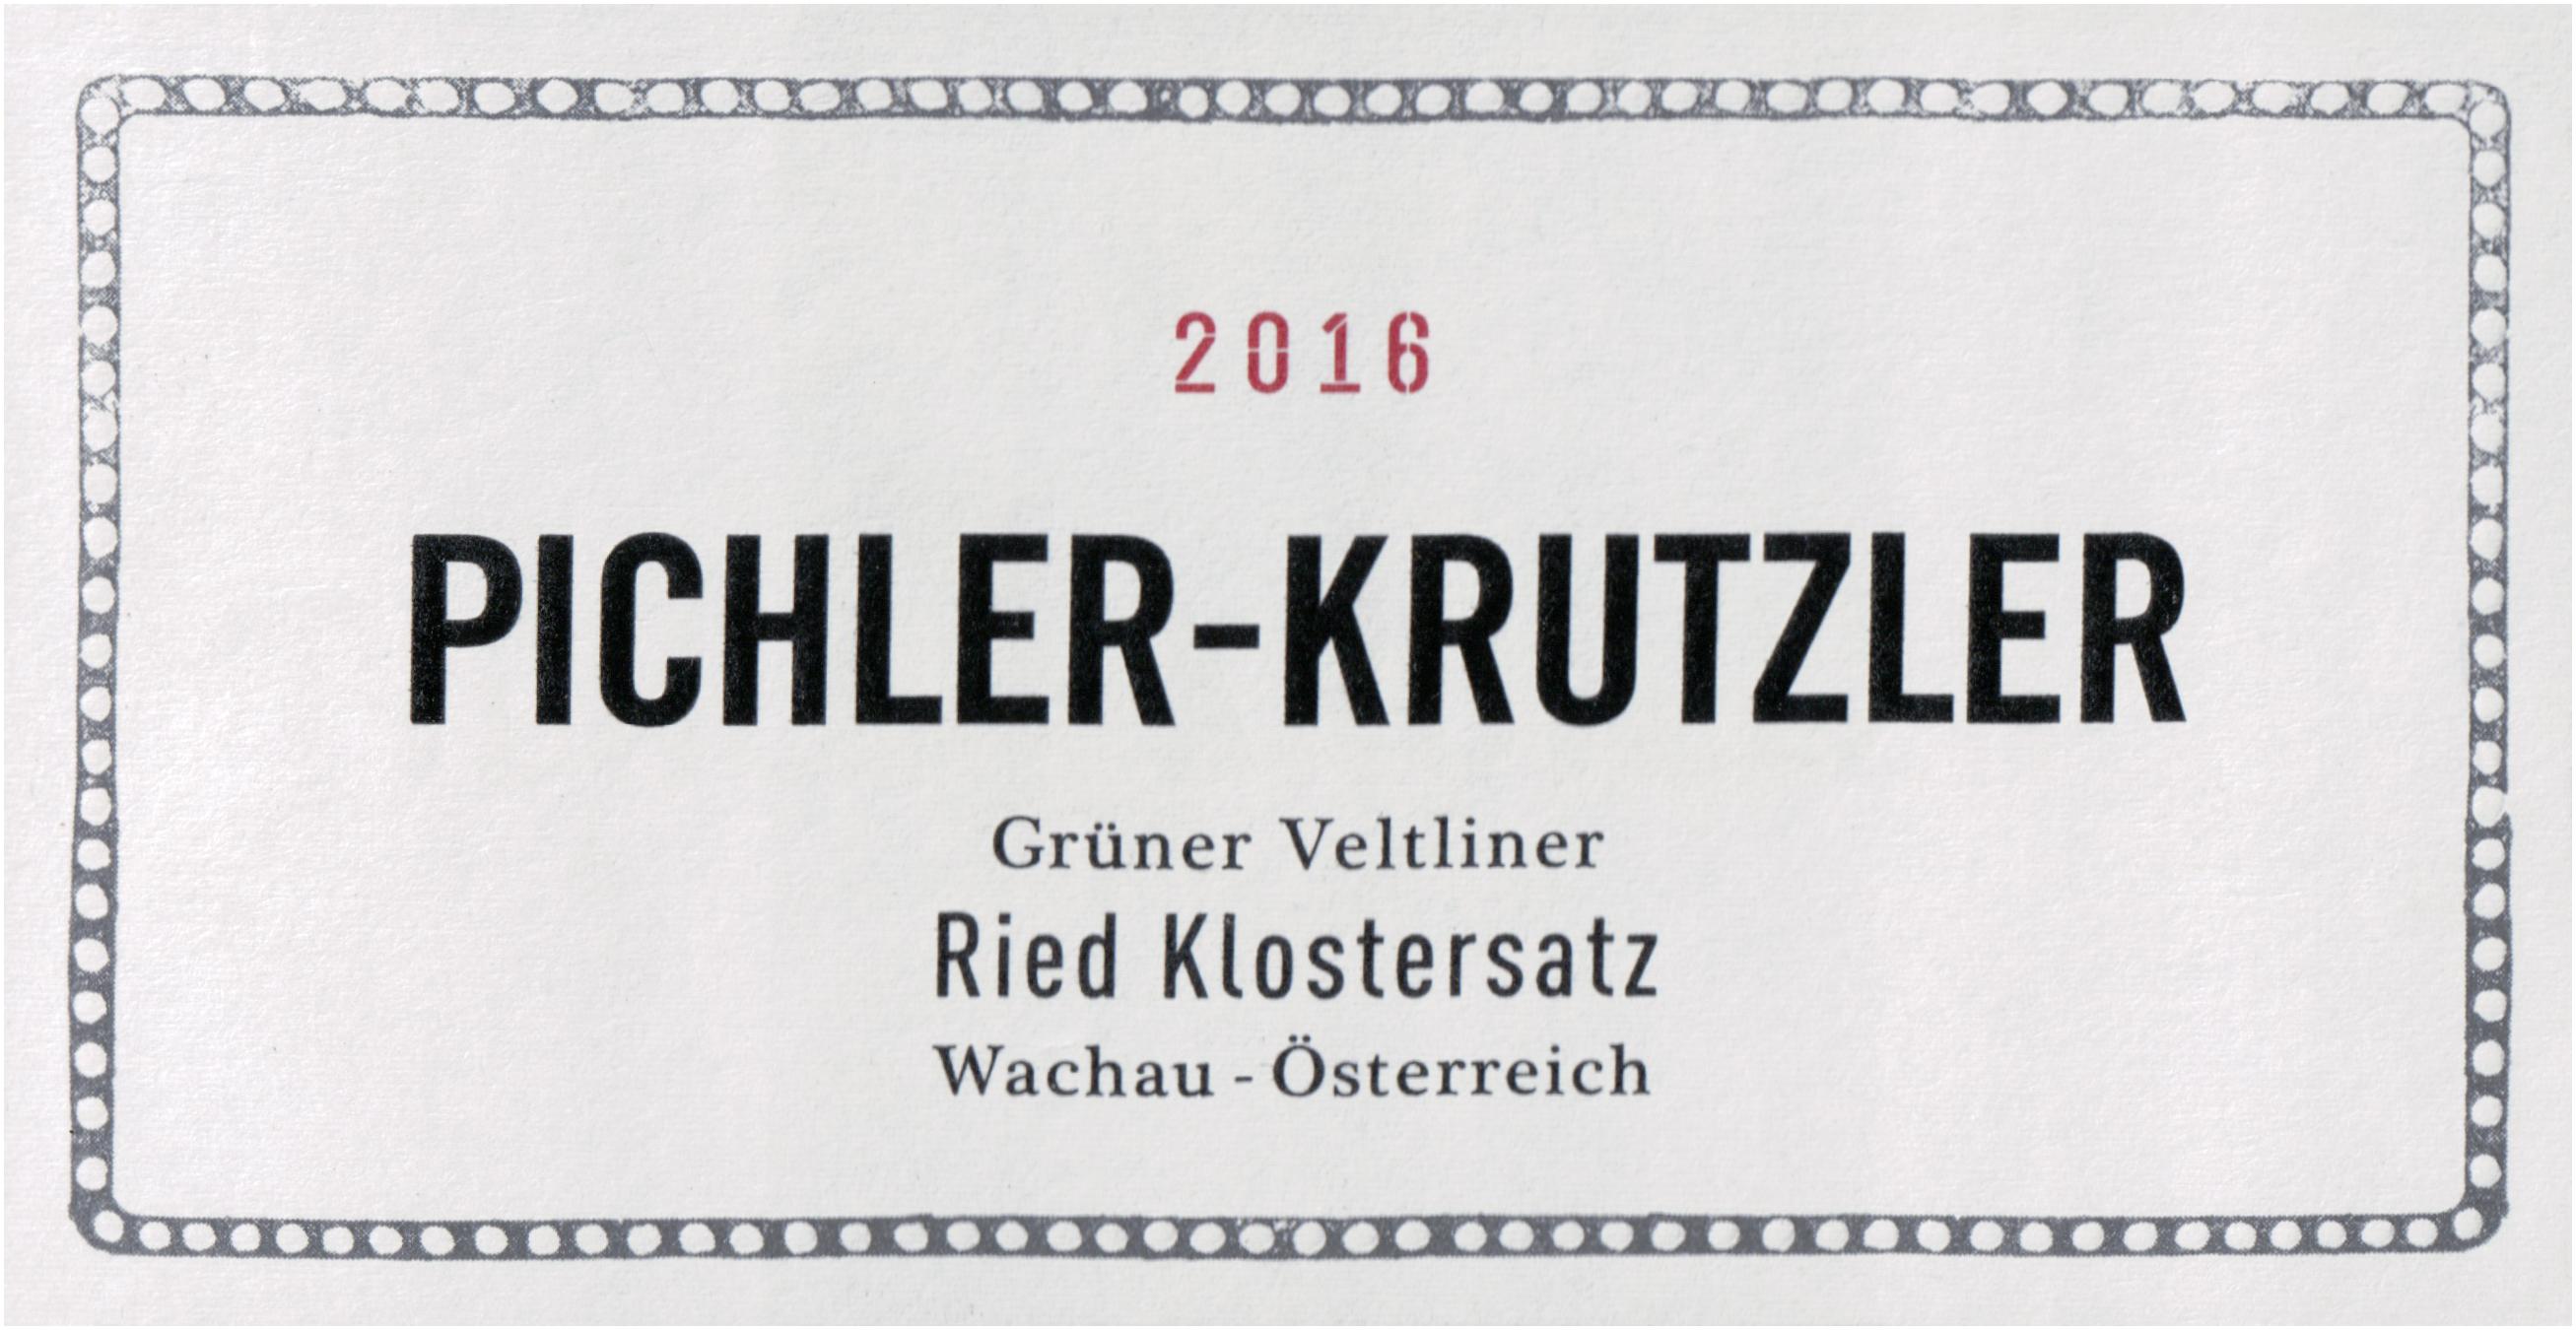 Pichler Krutzler Klostersatz Gruner Veltliner 2016